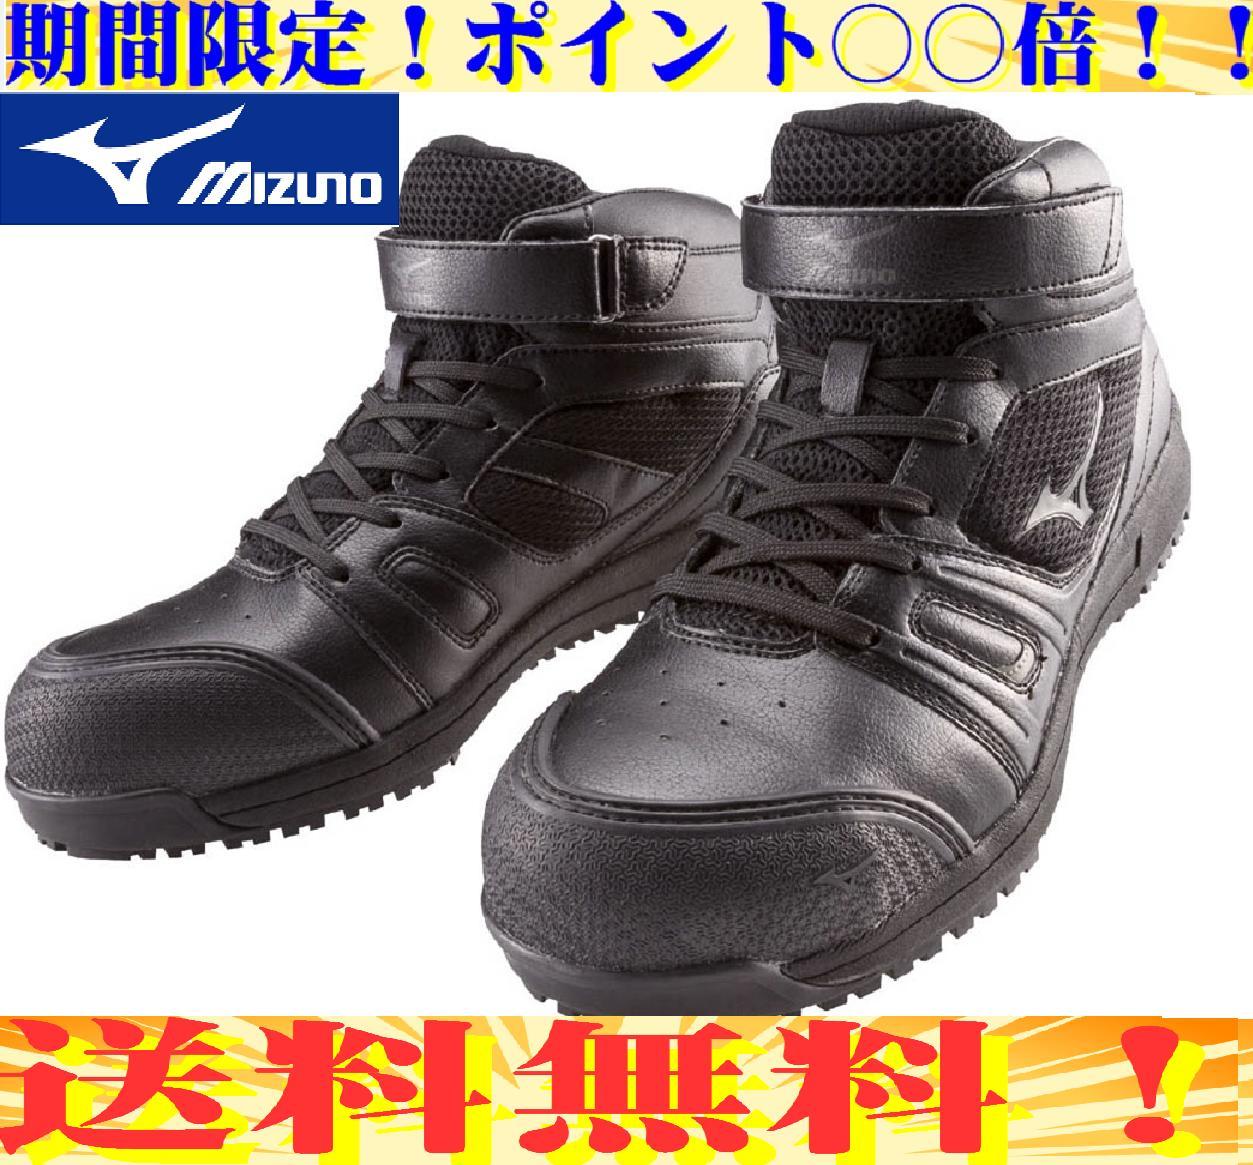 C1GA1602ミズノワーキング 【送料無料】 ワーキングシューズ C1GA1601 C1GA1600 ! 期間限定ポイント10倍! ハイカット ミッドカットタイプ 安全靴 MIZUNO